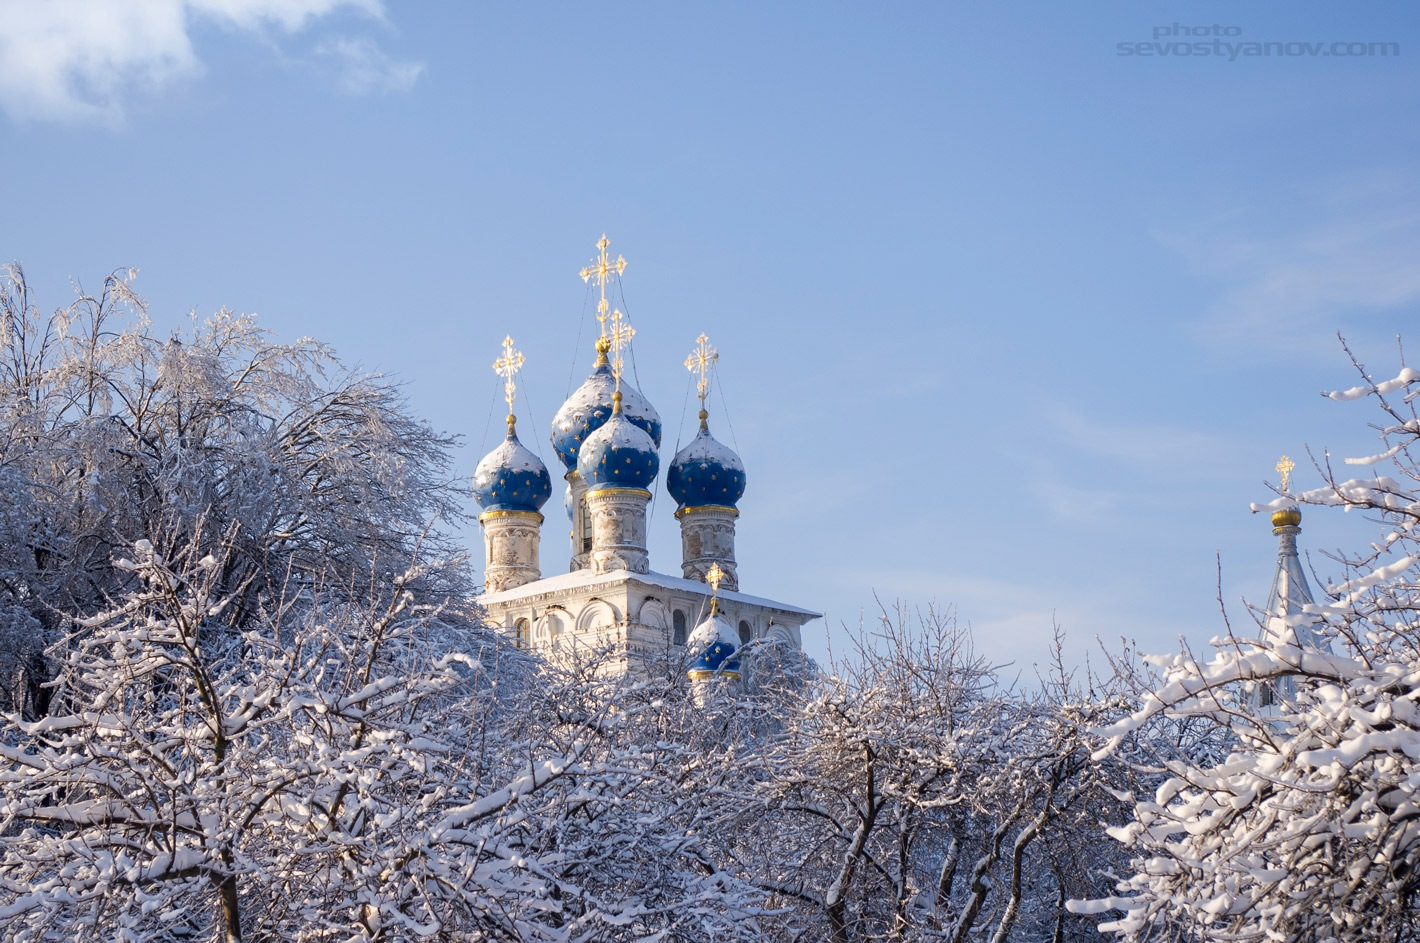 Winter by cinema4design